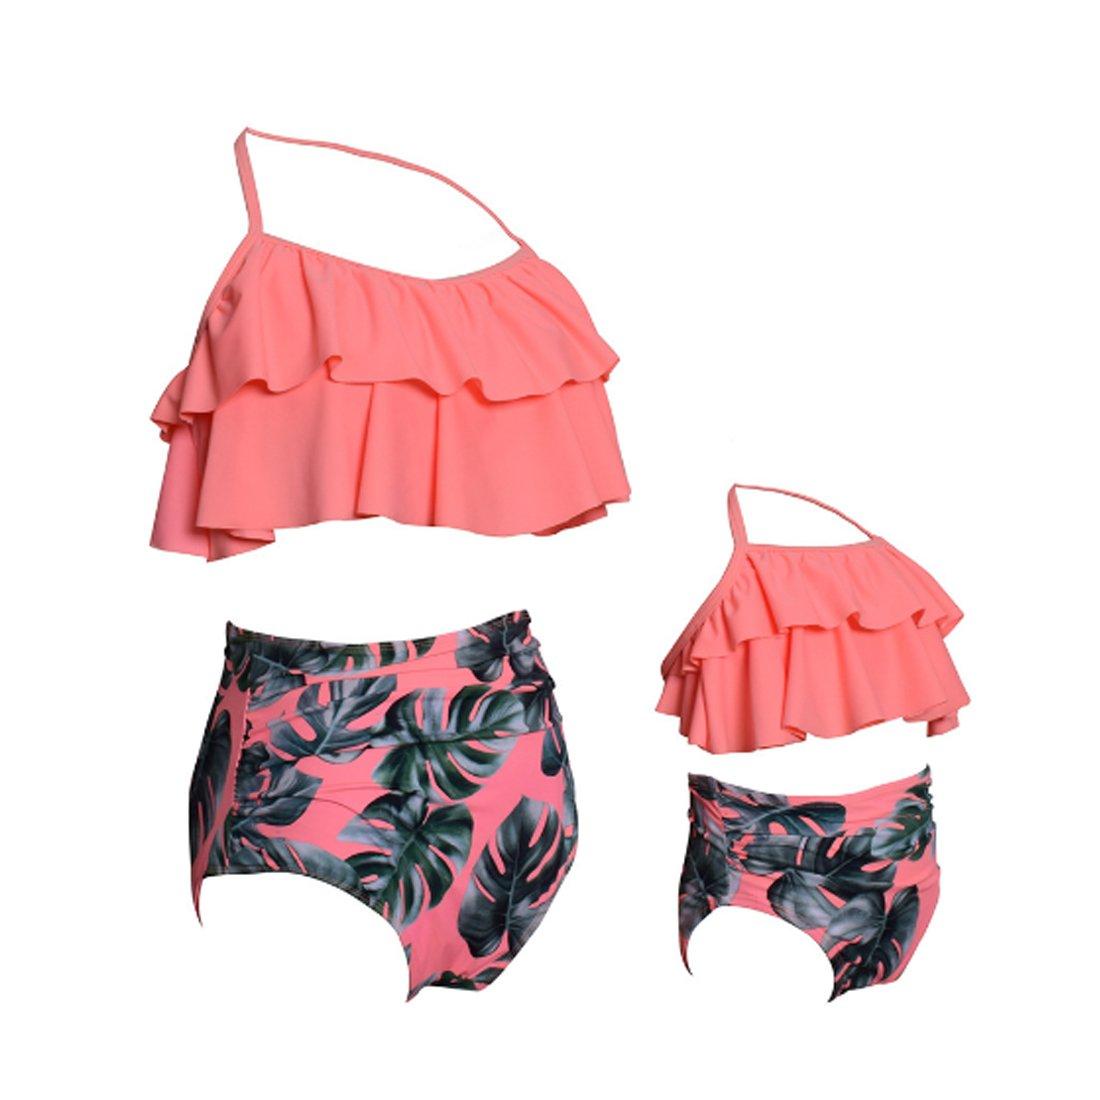 Diversión sexy Inlefen arnés Bikini Traje de baño arnés Inlefen Top con Volantes Cintura Alta Plisado Madre y niña Traje de baño Dividido Patrón Lindo cfbd24